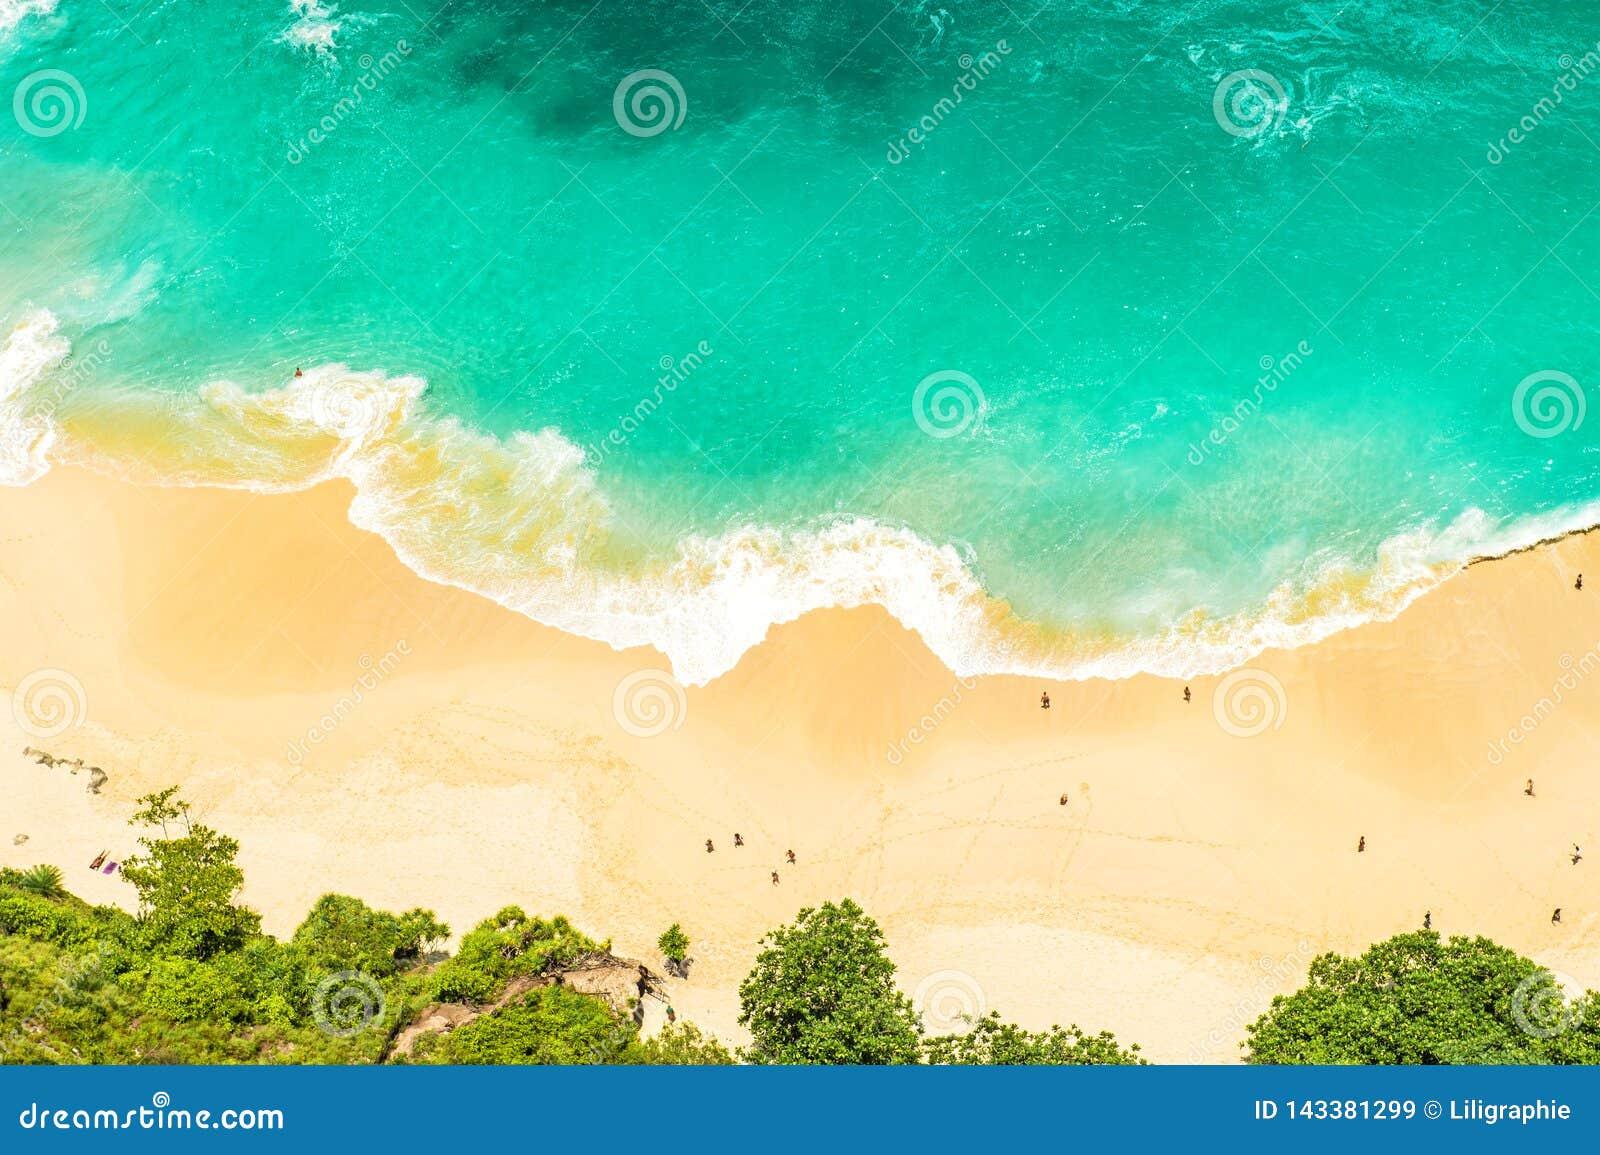 沙滩海水夏天休假移动背景